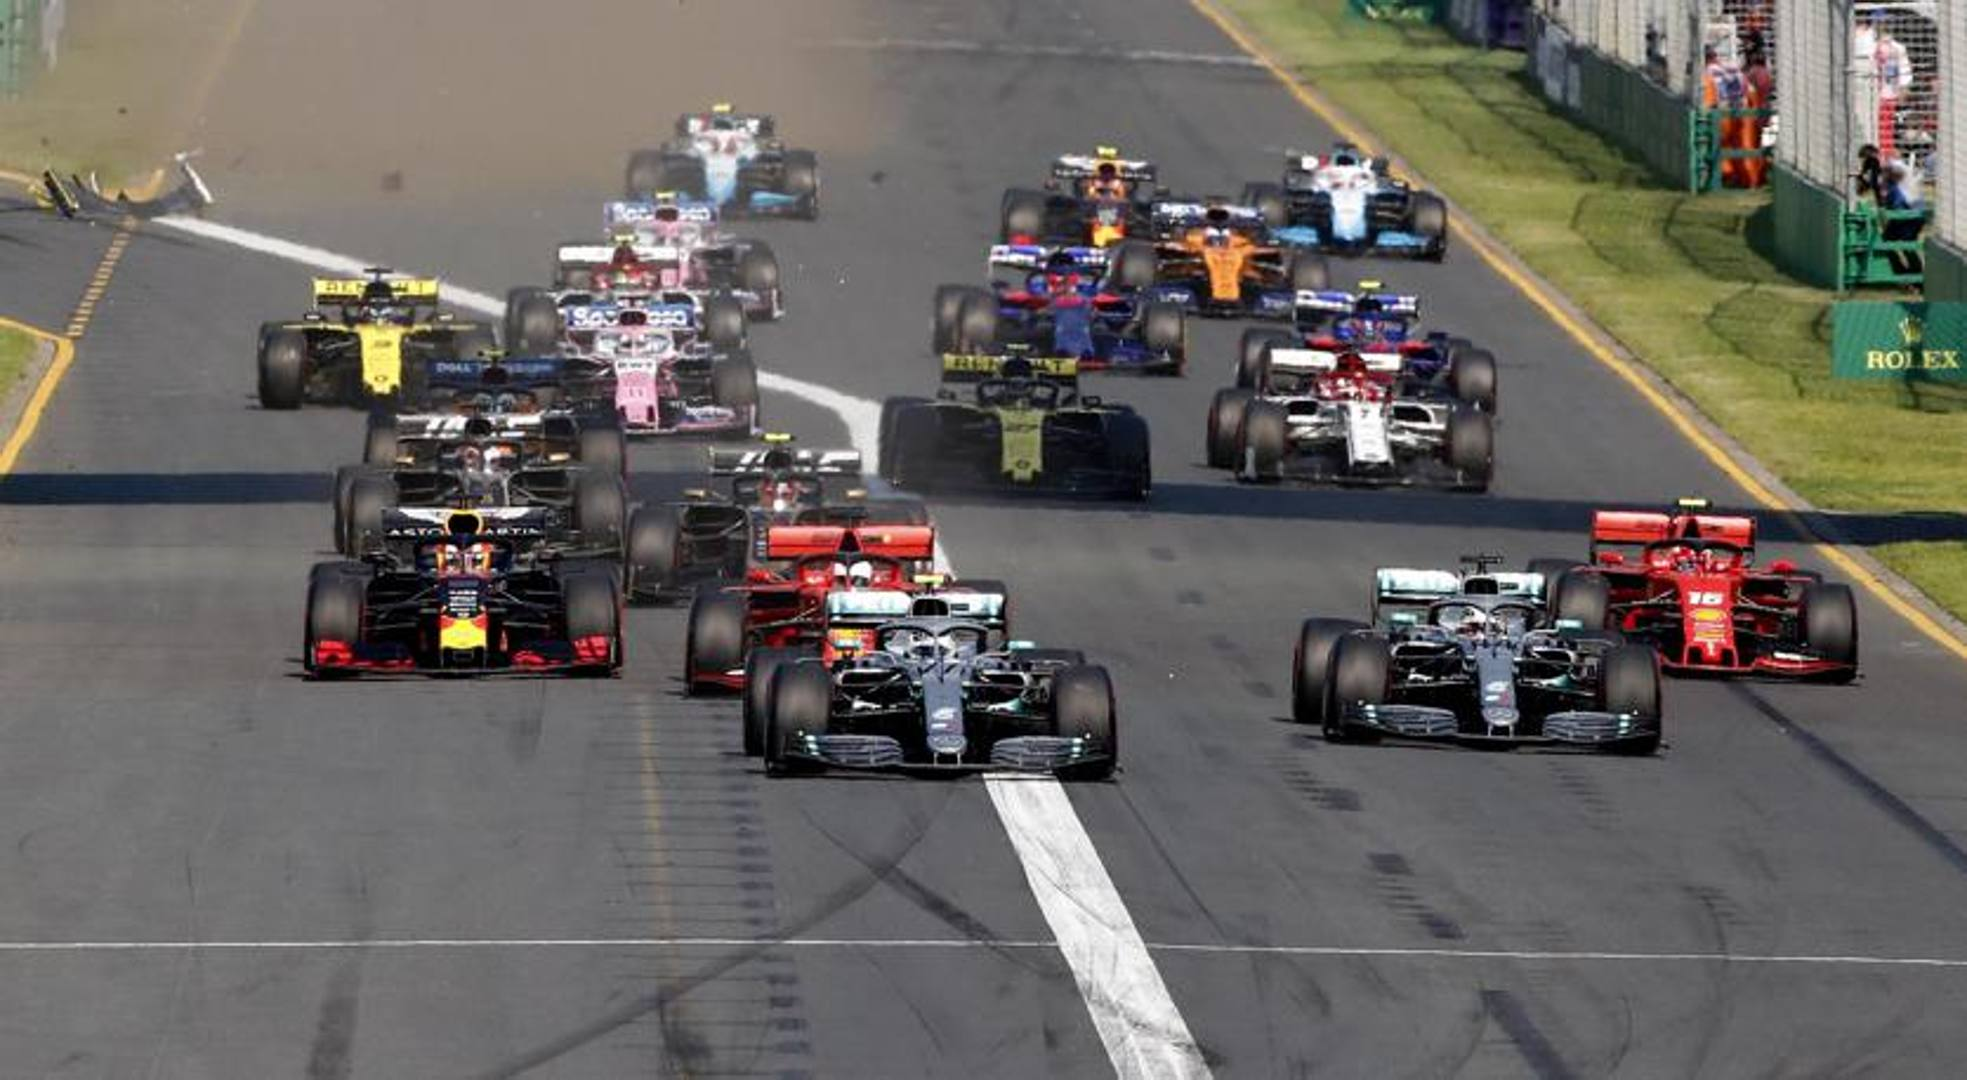 La partenza del primo Gran Premio del Mondiale di Formula 1. Epa